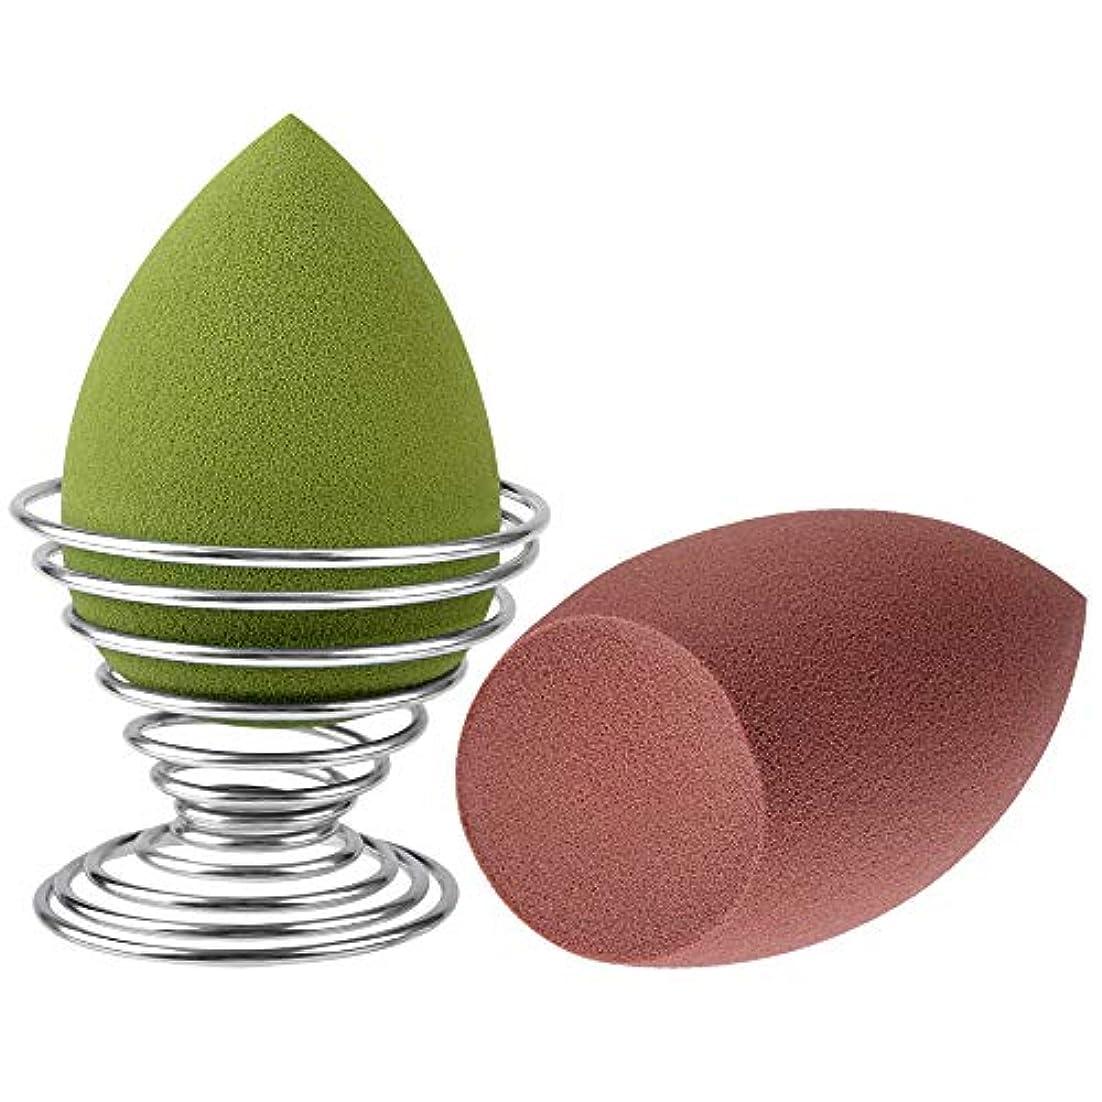 幹サイクロプス肥満メイクスポンジパフ Ninonly 化粧スポンジ ファンデーションパフ 人気の贈り物 乾湿兼用 しずく型 収納ホルダー付き